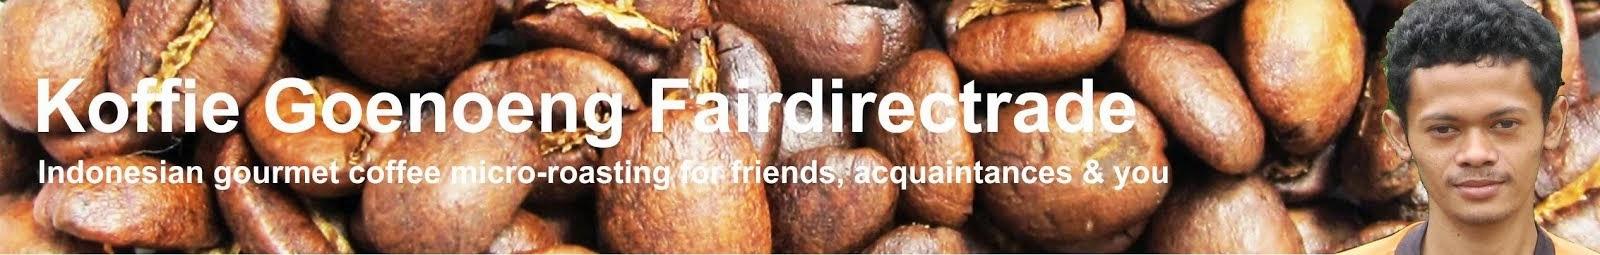 Koffie Goenoeng FairSHARE